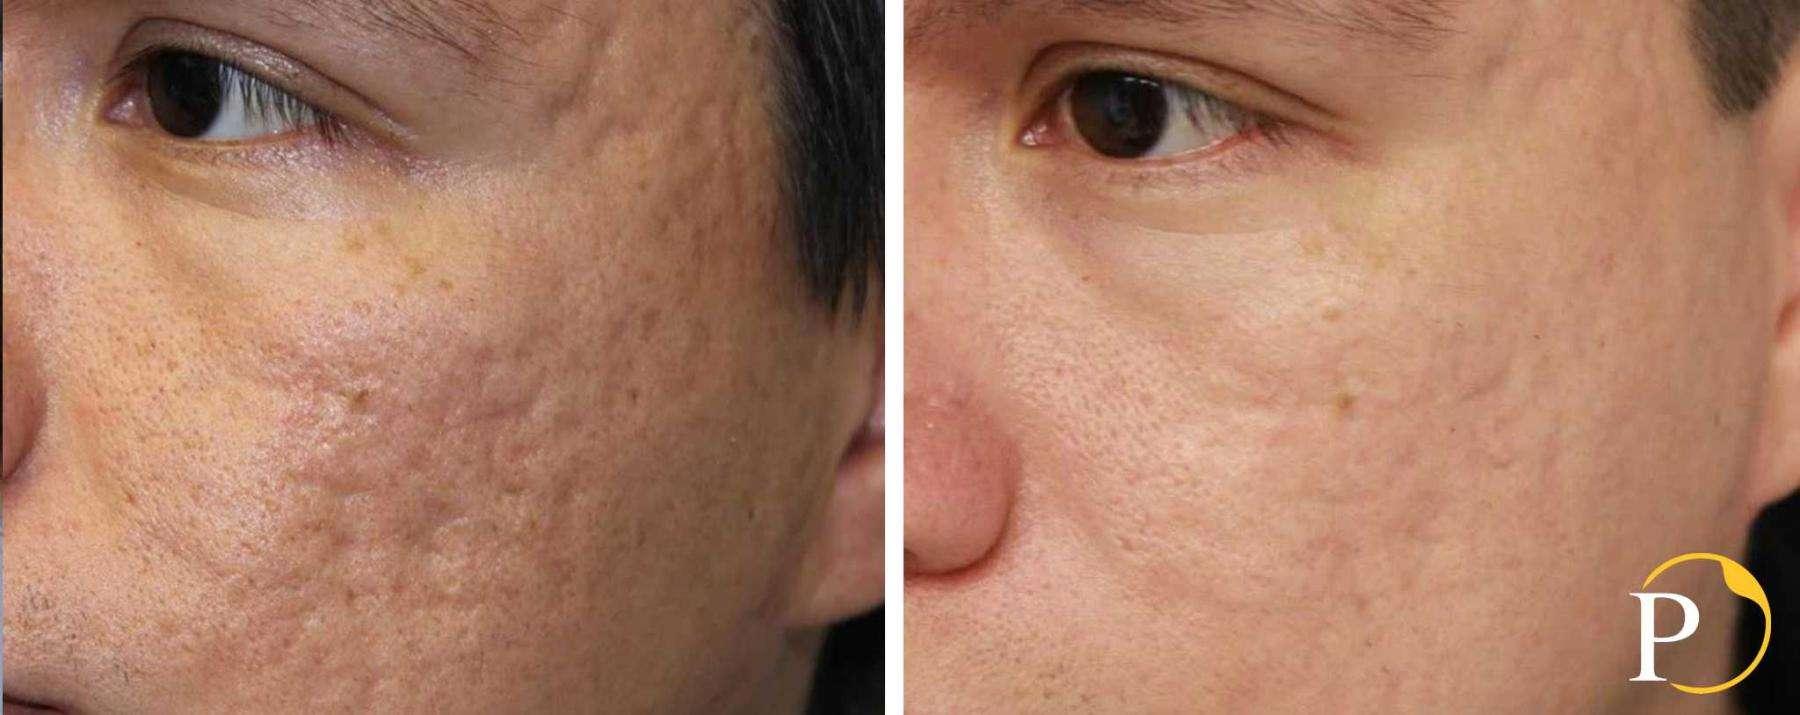 laser frazionato per cicatrici d'acne